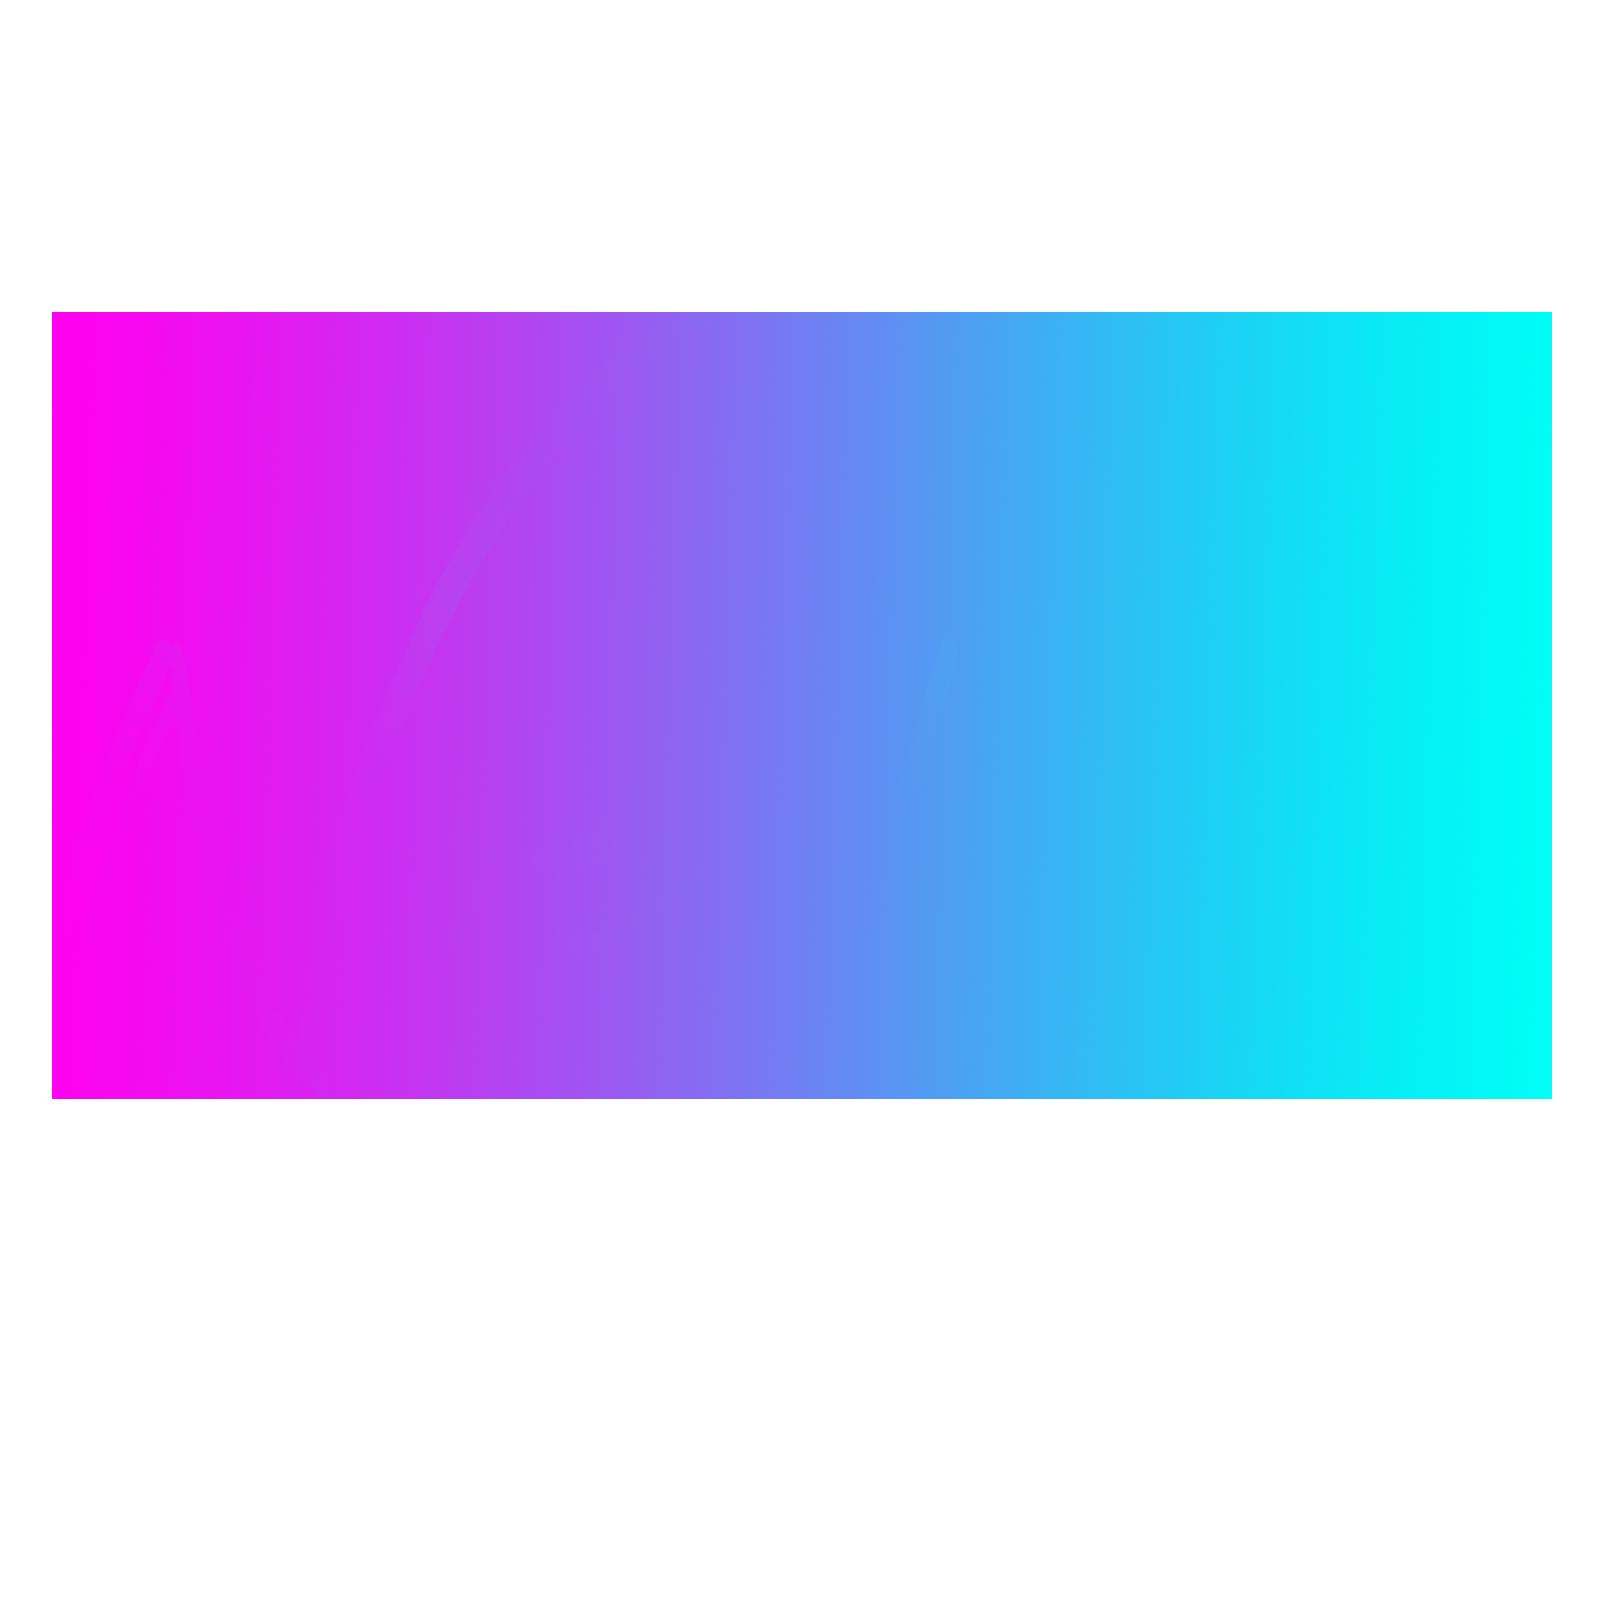 Noe Alonzo